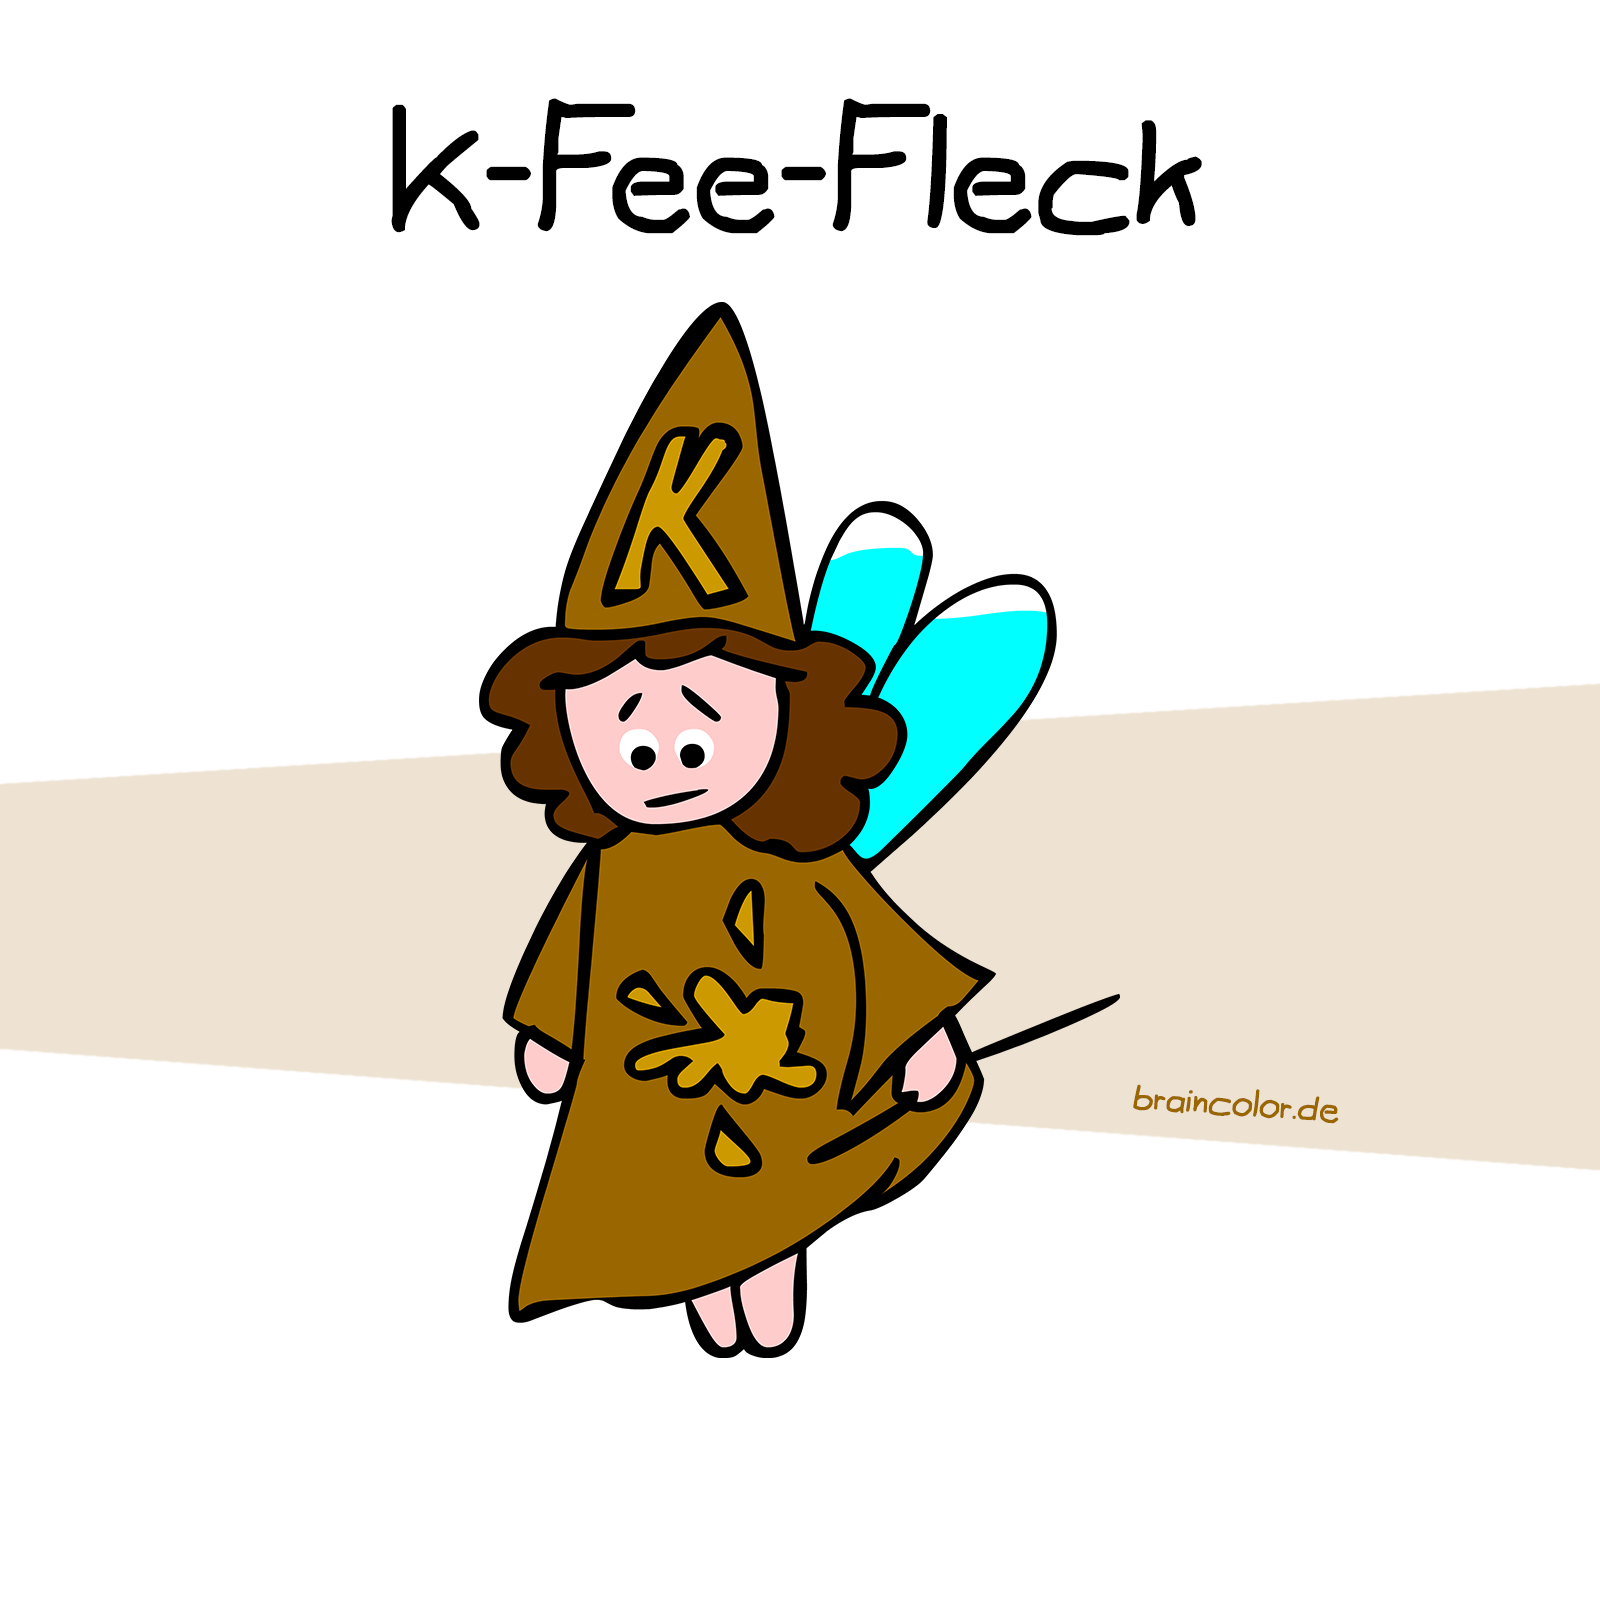 k-fee-fleck